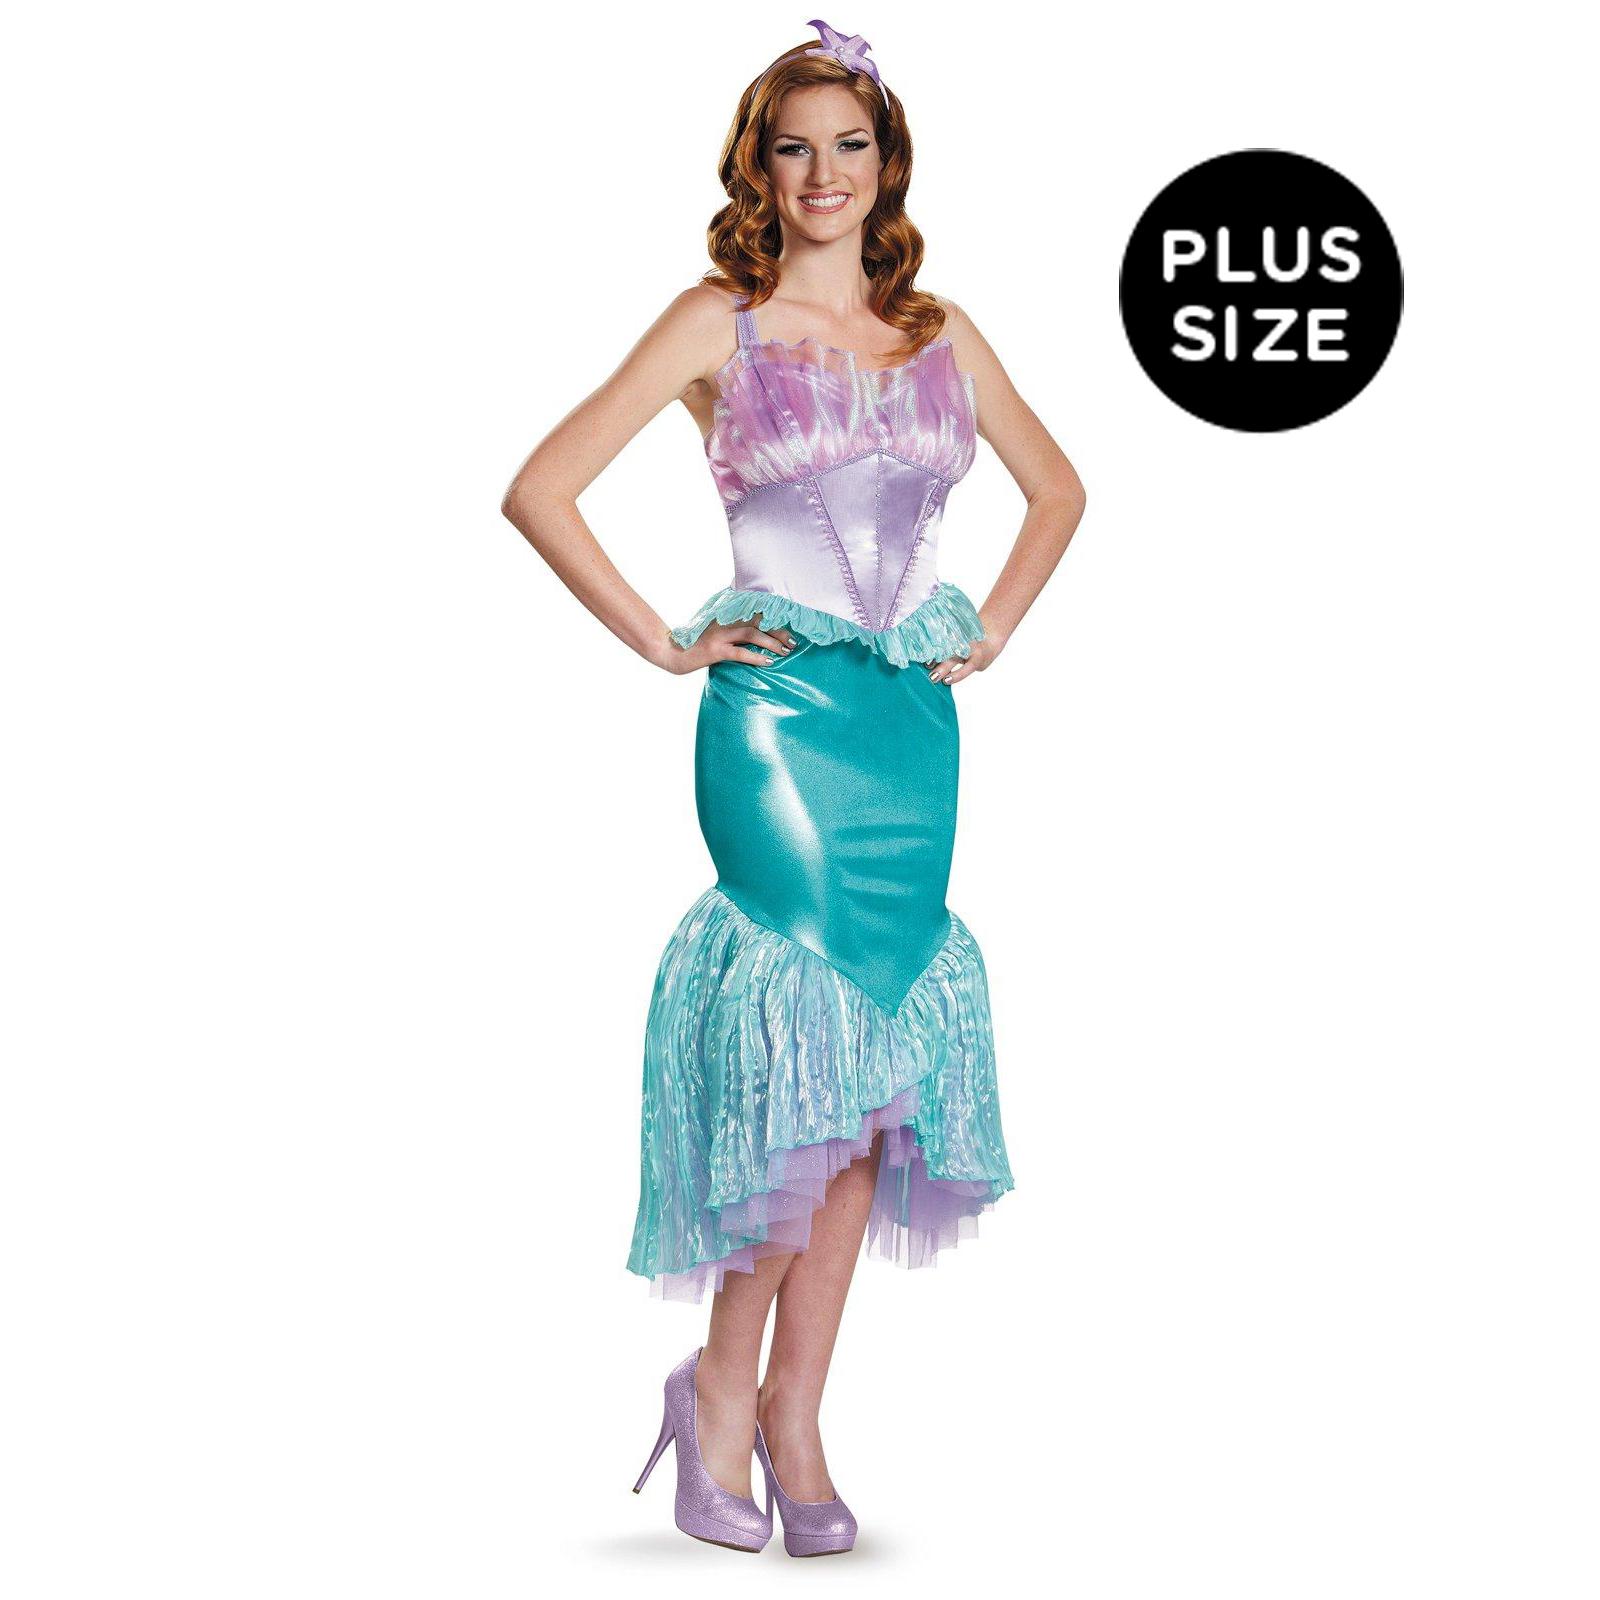 Plus size princess dresses